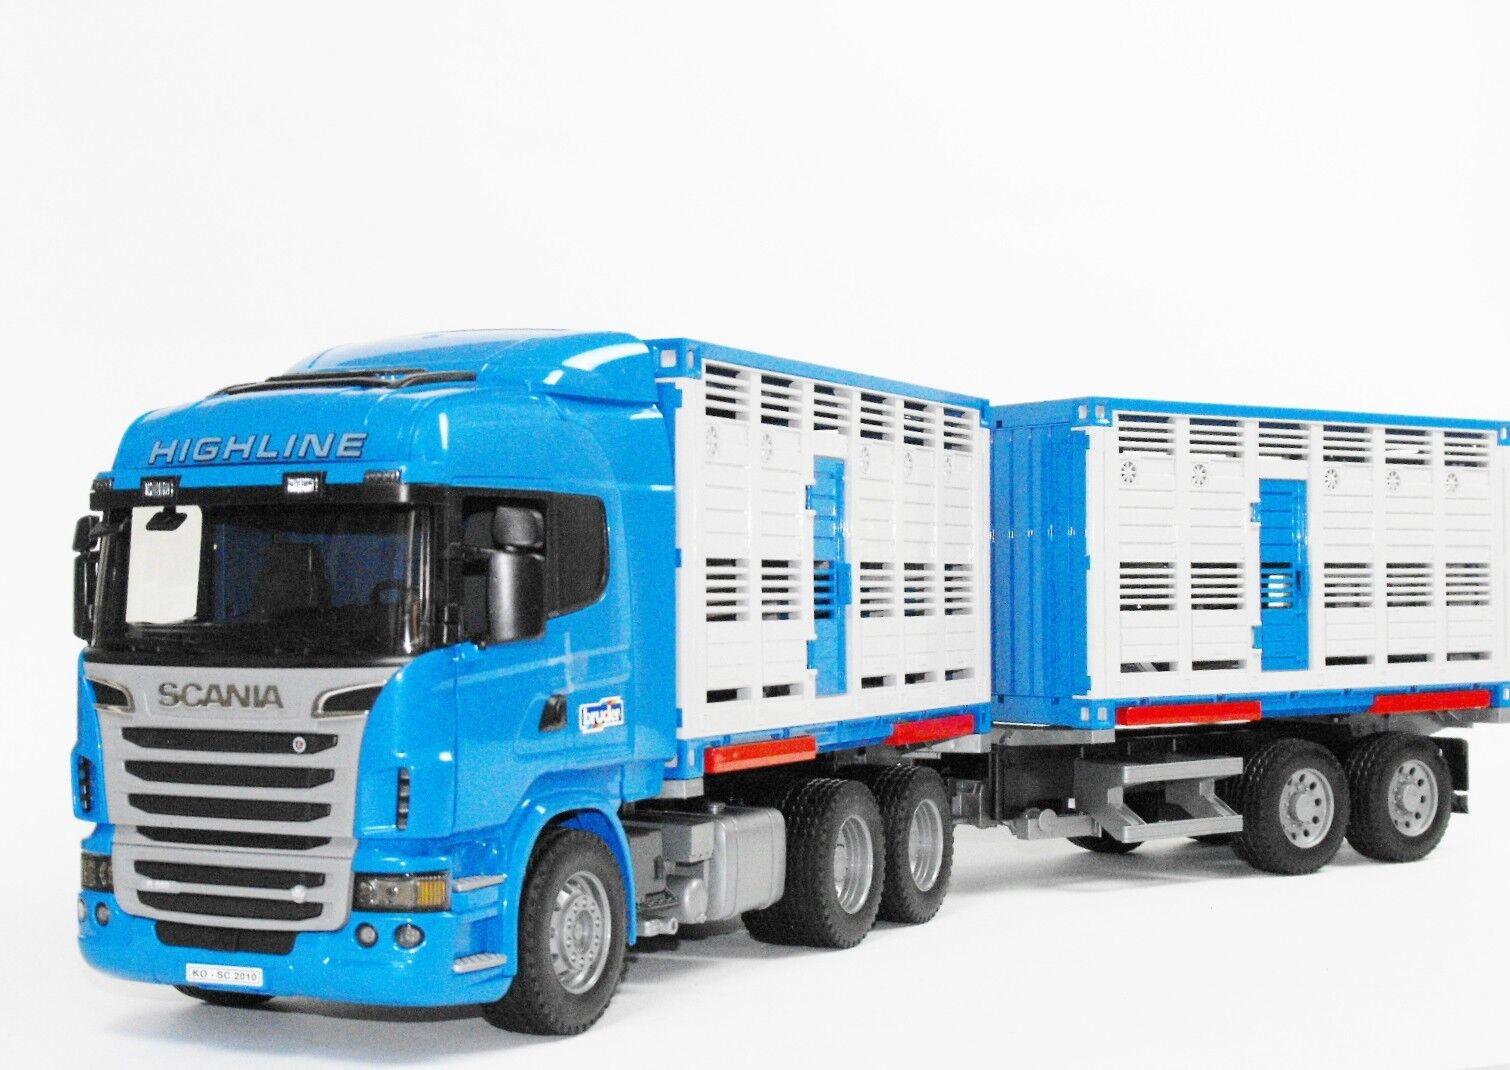 Bruder 03549 Scania R-Serie Tiertransport–Wechselbrücke Spielergänzung Bauernhof